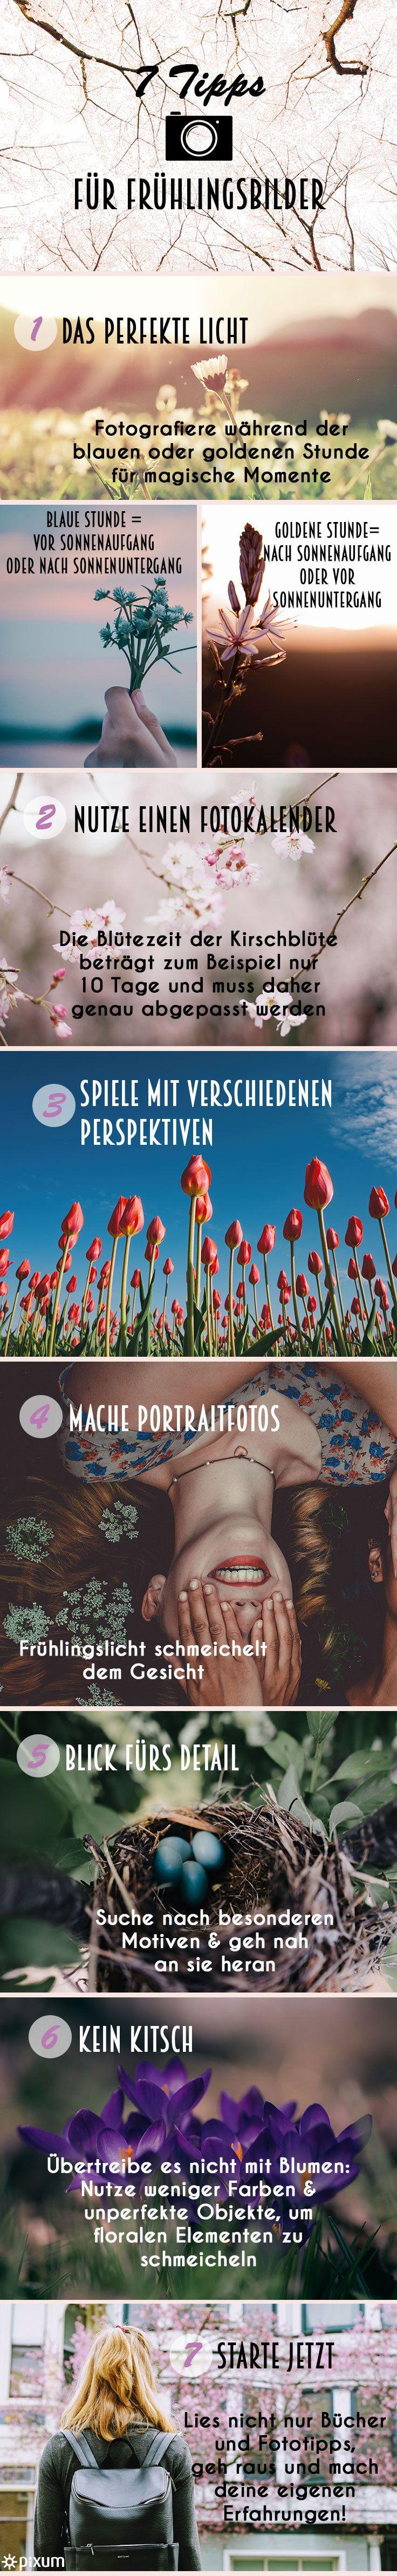 5 Pixum Tipps für schöne Frühlingsfotografie | Frühlingsbilder, Die ...